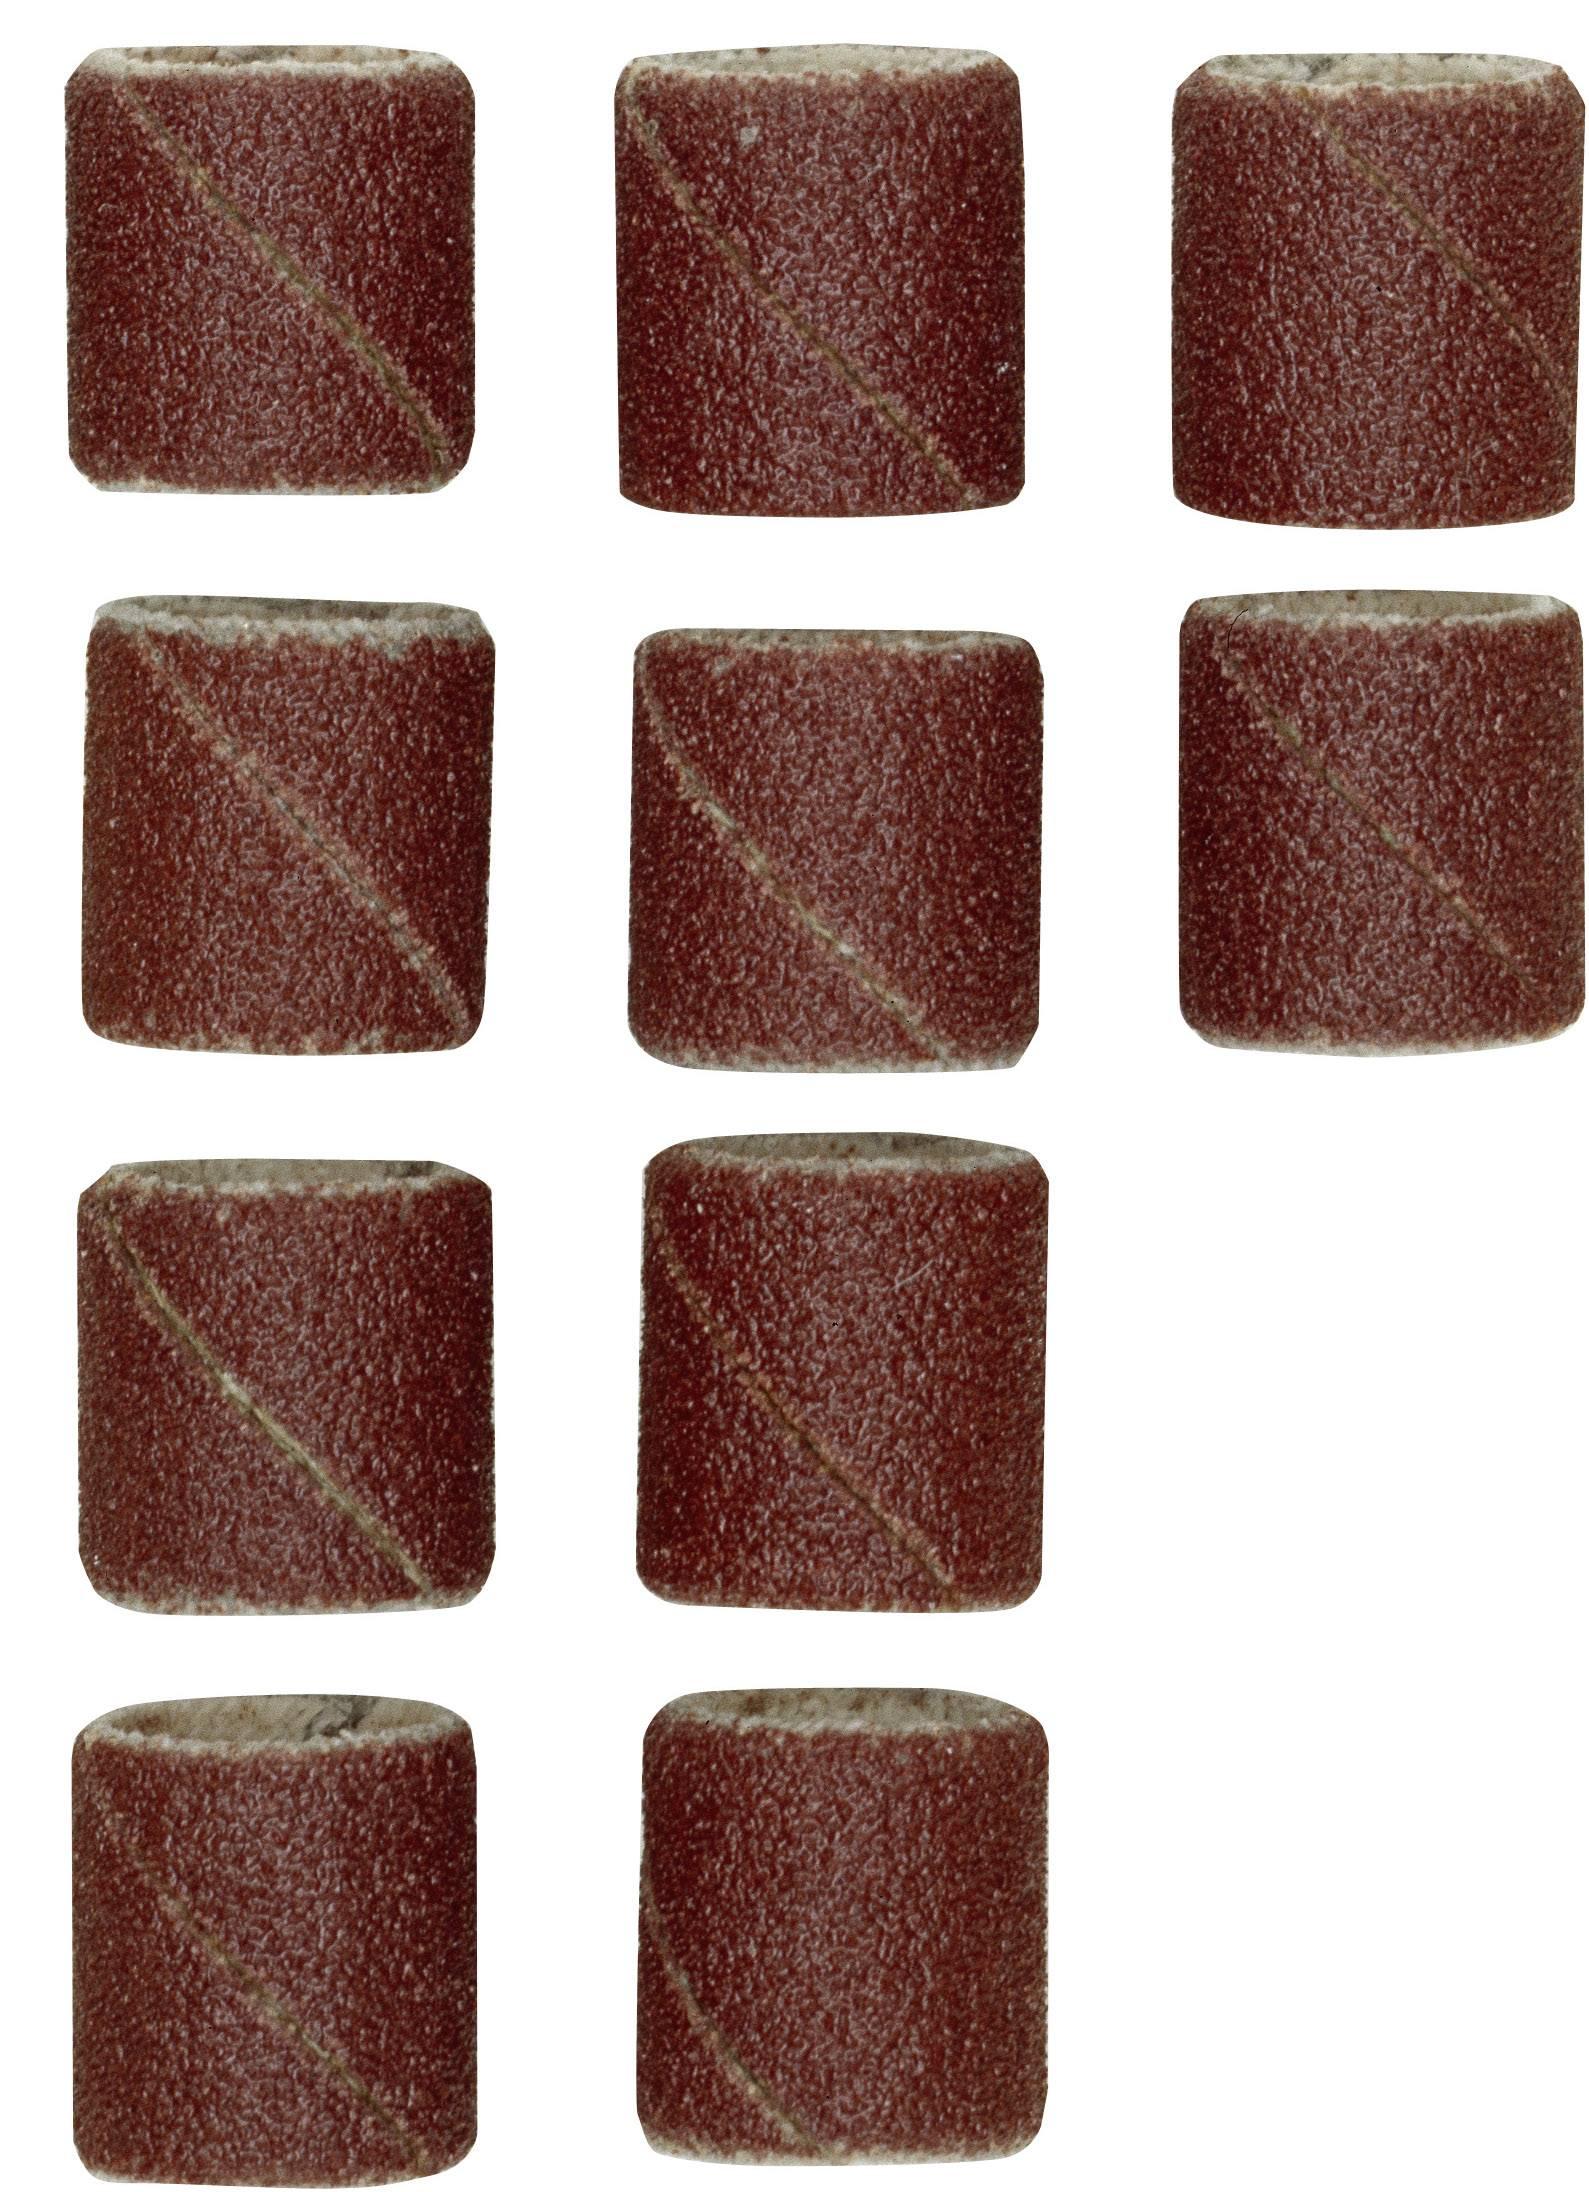 Náhradní soubor brusných pásu K150. Obsah 10 kusu.